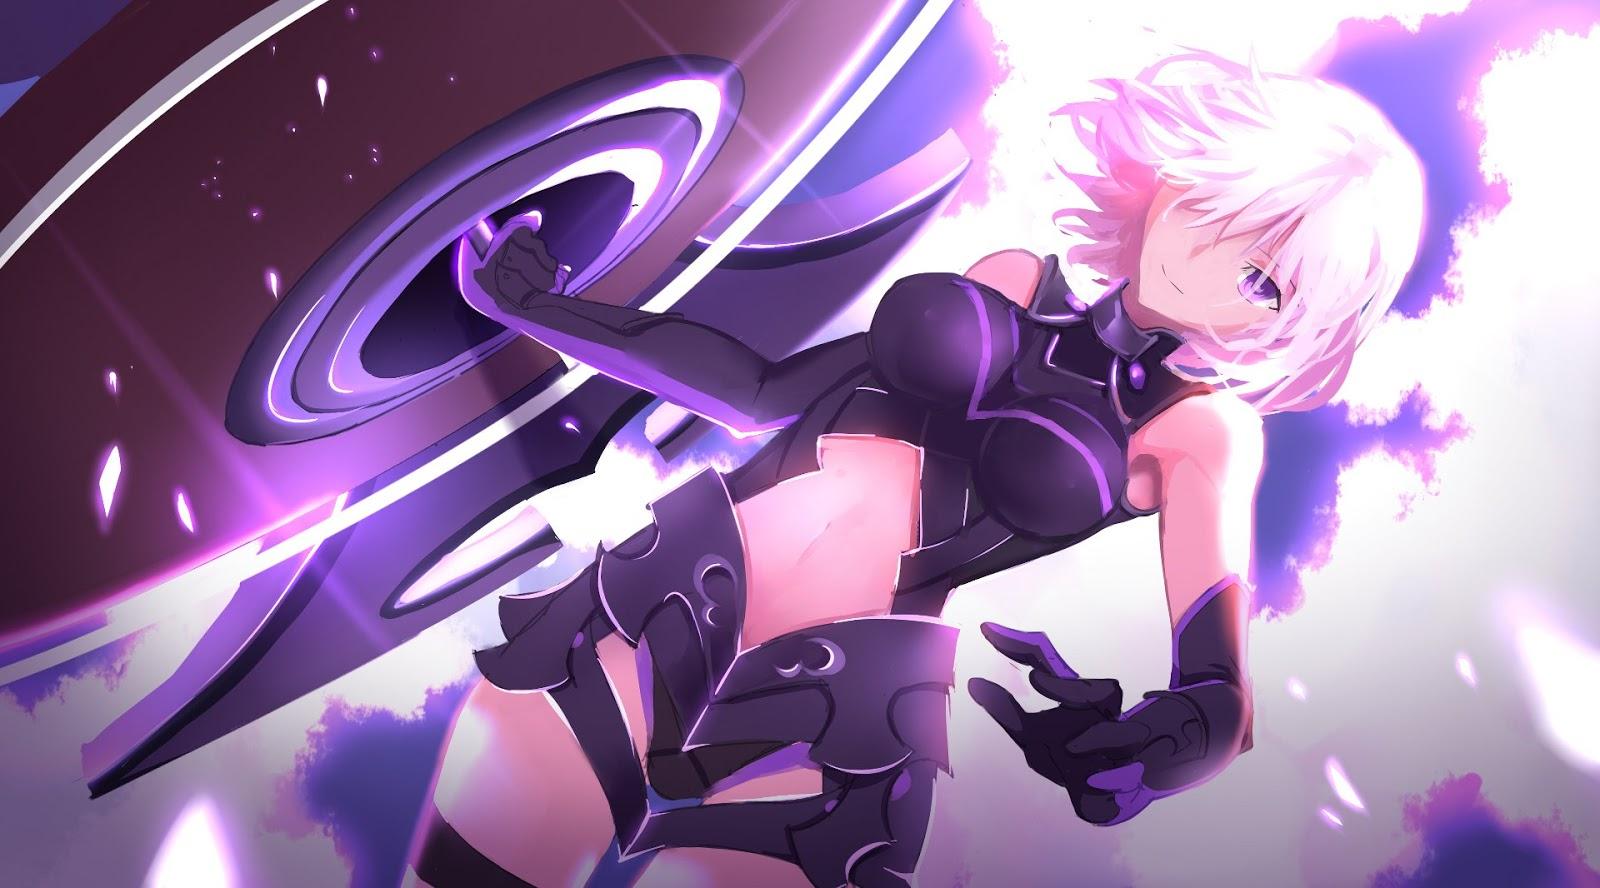 Fate AowVN%2B%2528101%2529 - [ Hình Nền ] Anime Fate/GrandOrder tuyệt đẹp Full HD | Wallpaper